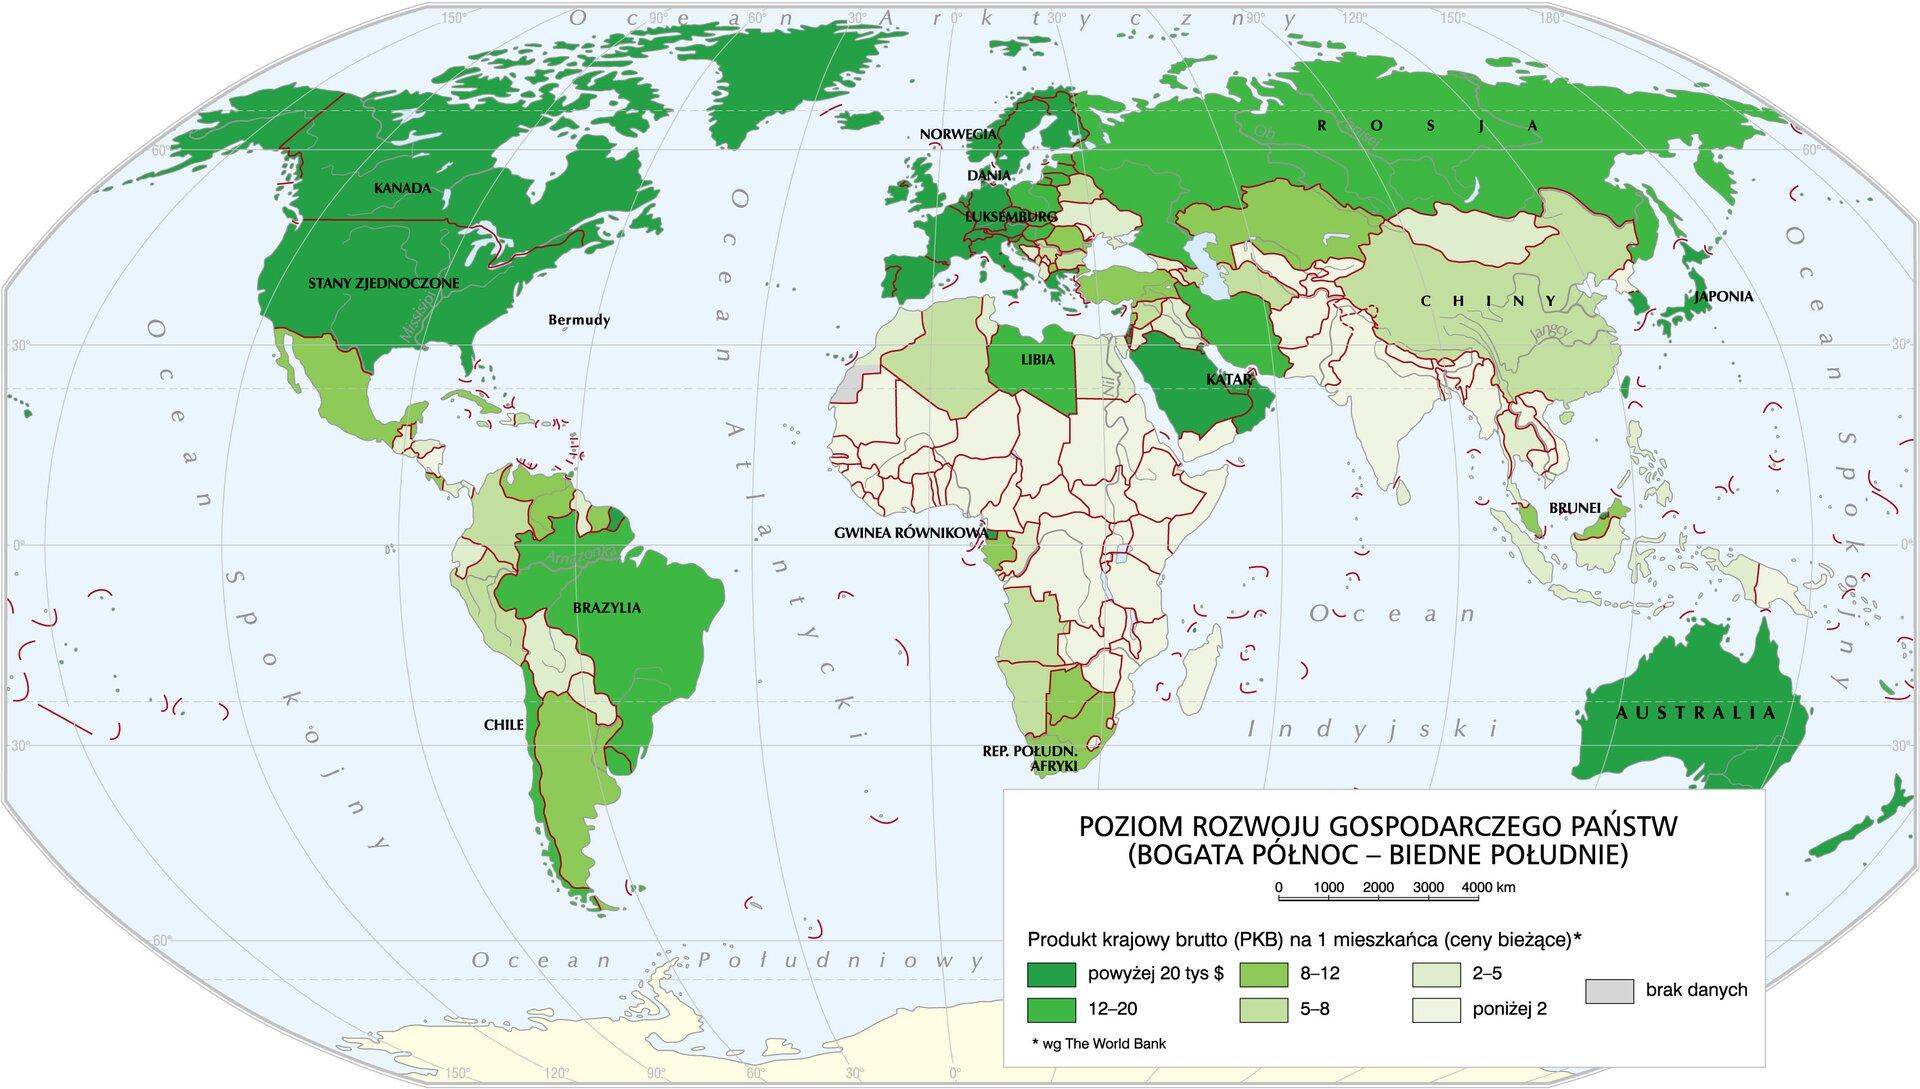 Poziom rozwoju gospodarczego państw Poziom rozwoju gospodarczego państw Źródło: Krystian Chariza izespół, licencja: CC BY 4.0.